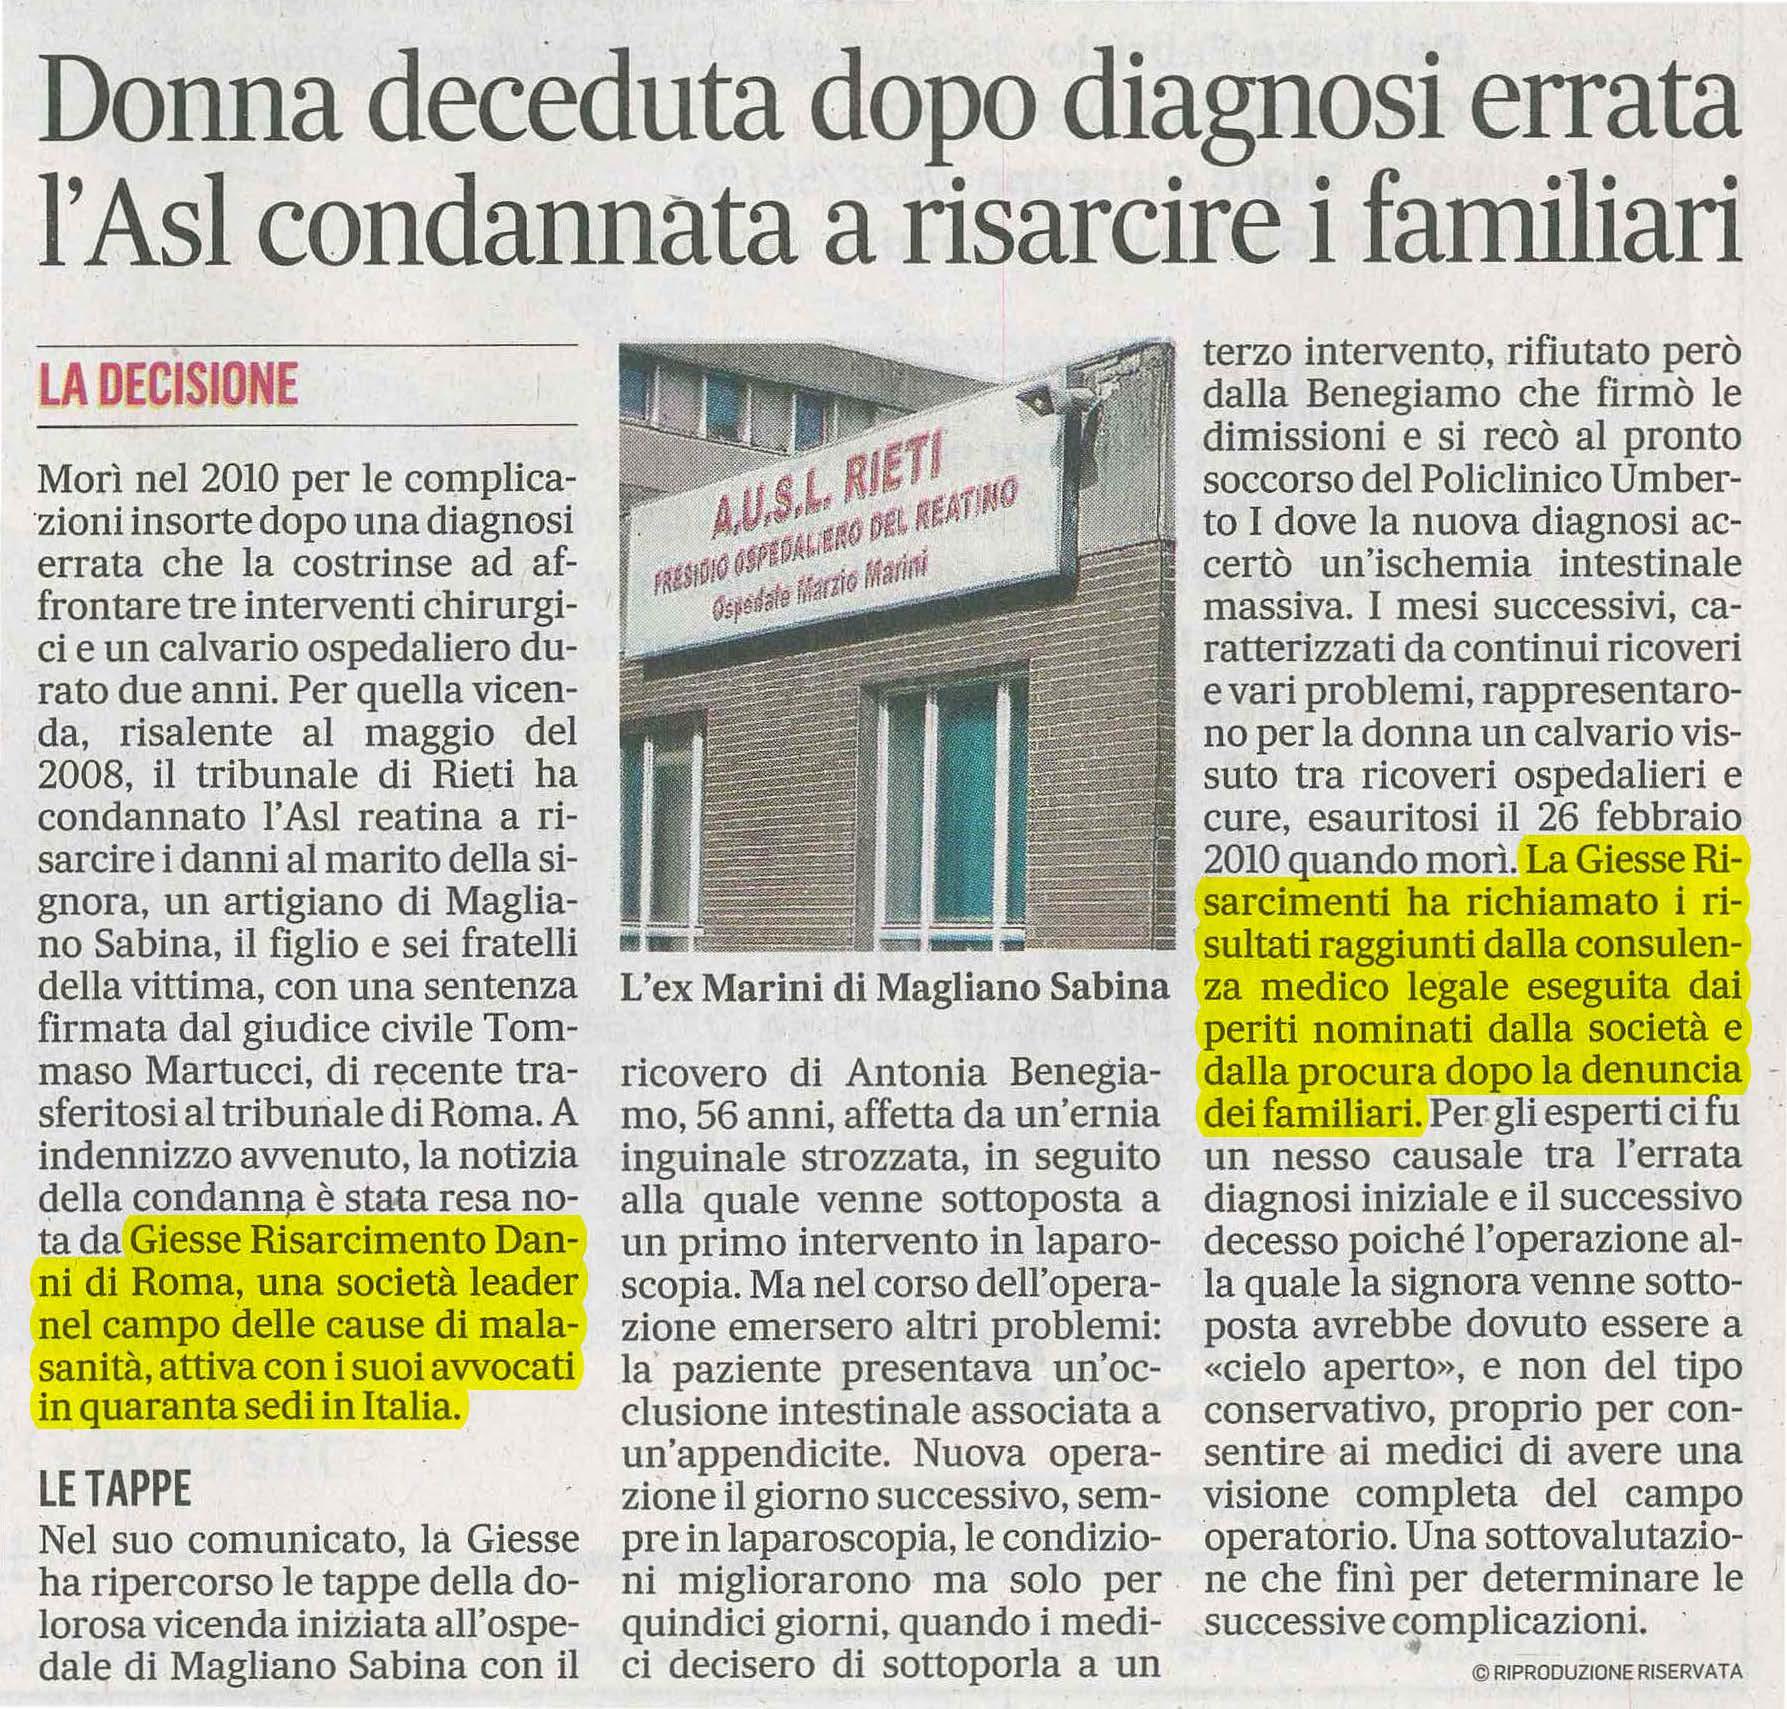 Errore medico Rieti Giesse Risarcimento Danni